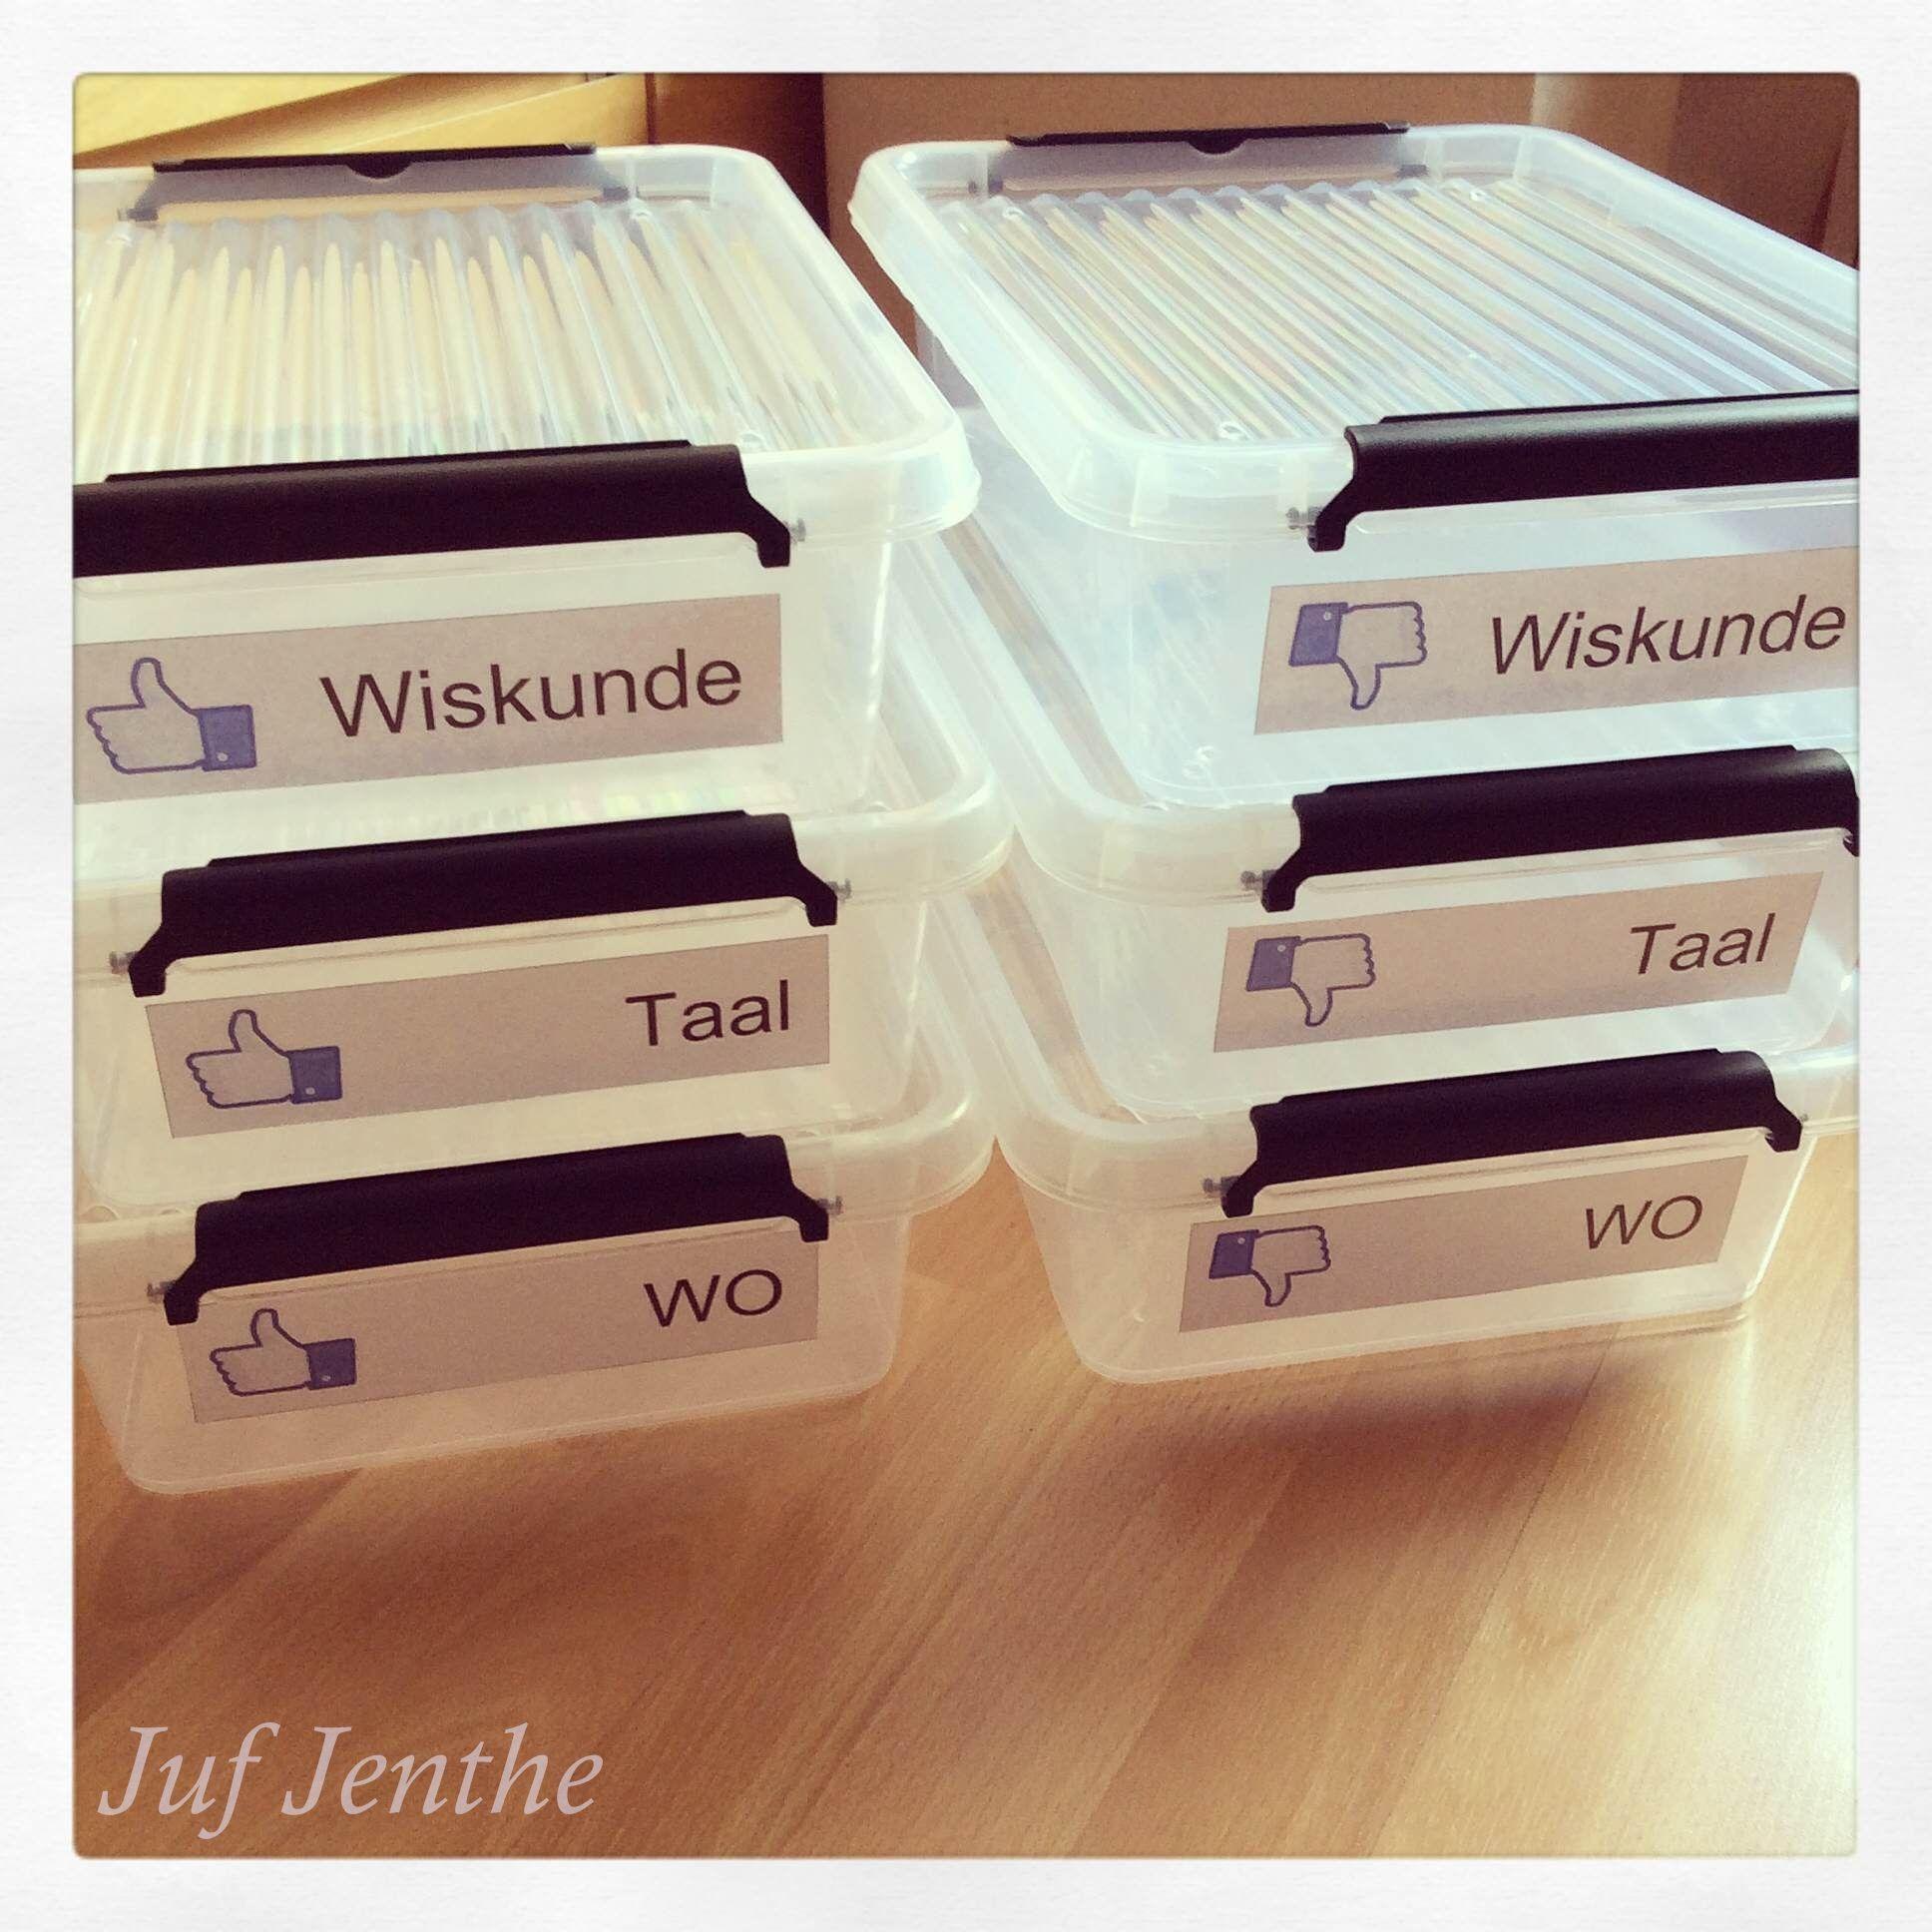 Gedaan met honderden werkbladen op je bureau te verzamelen for Ladeblok voor op bureau